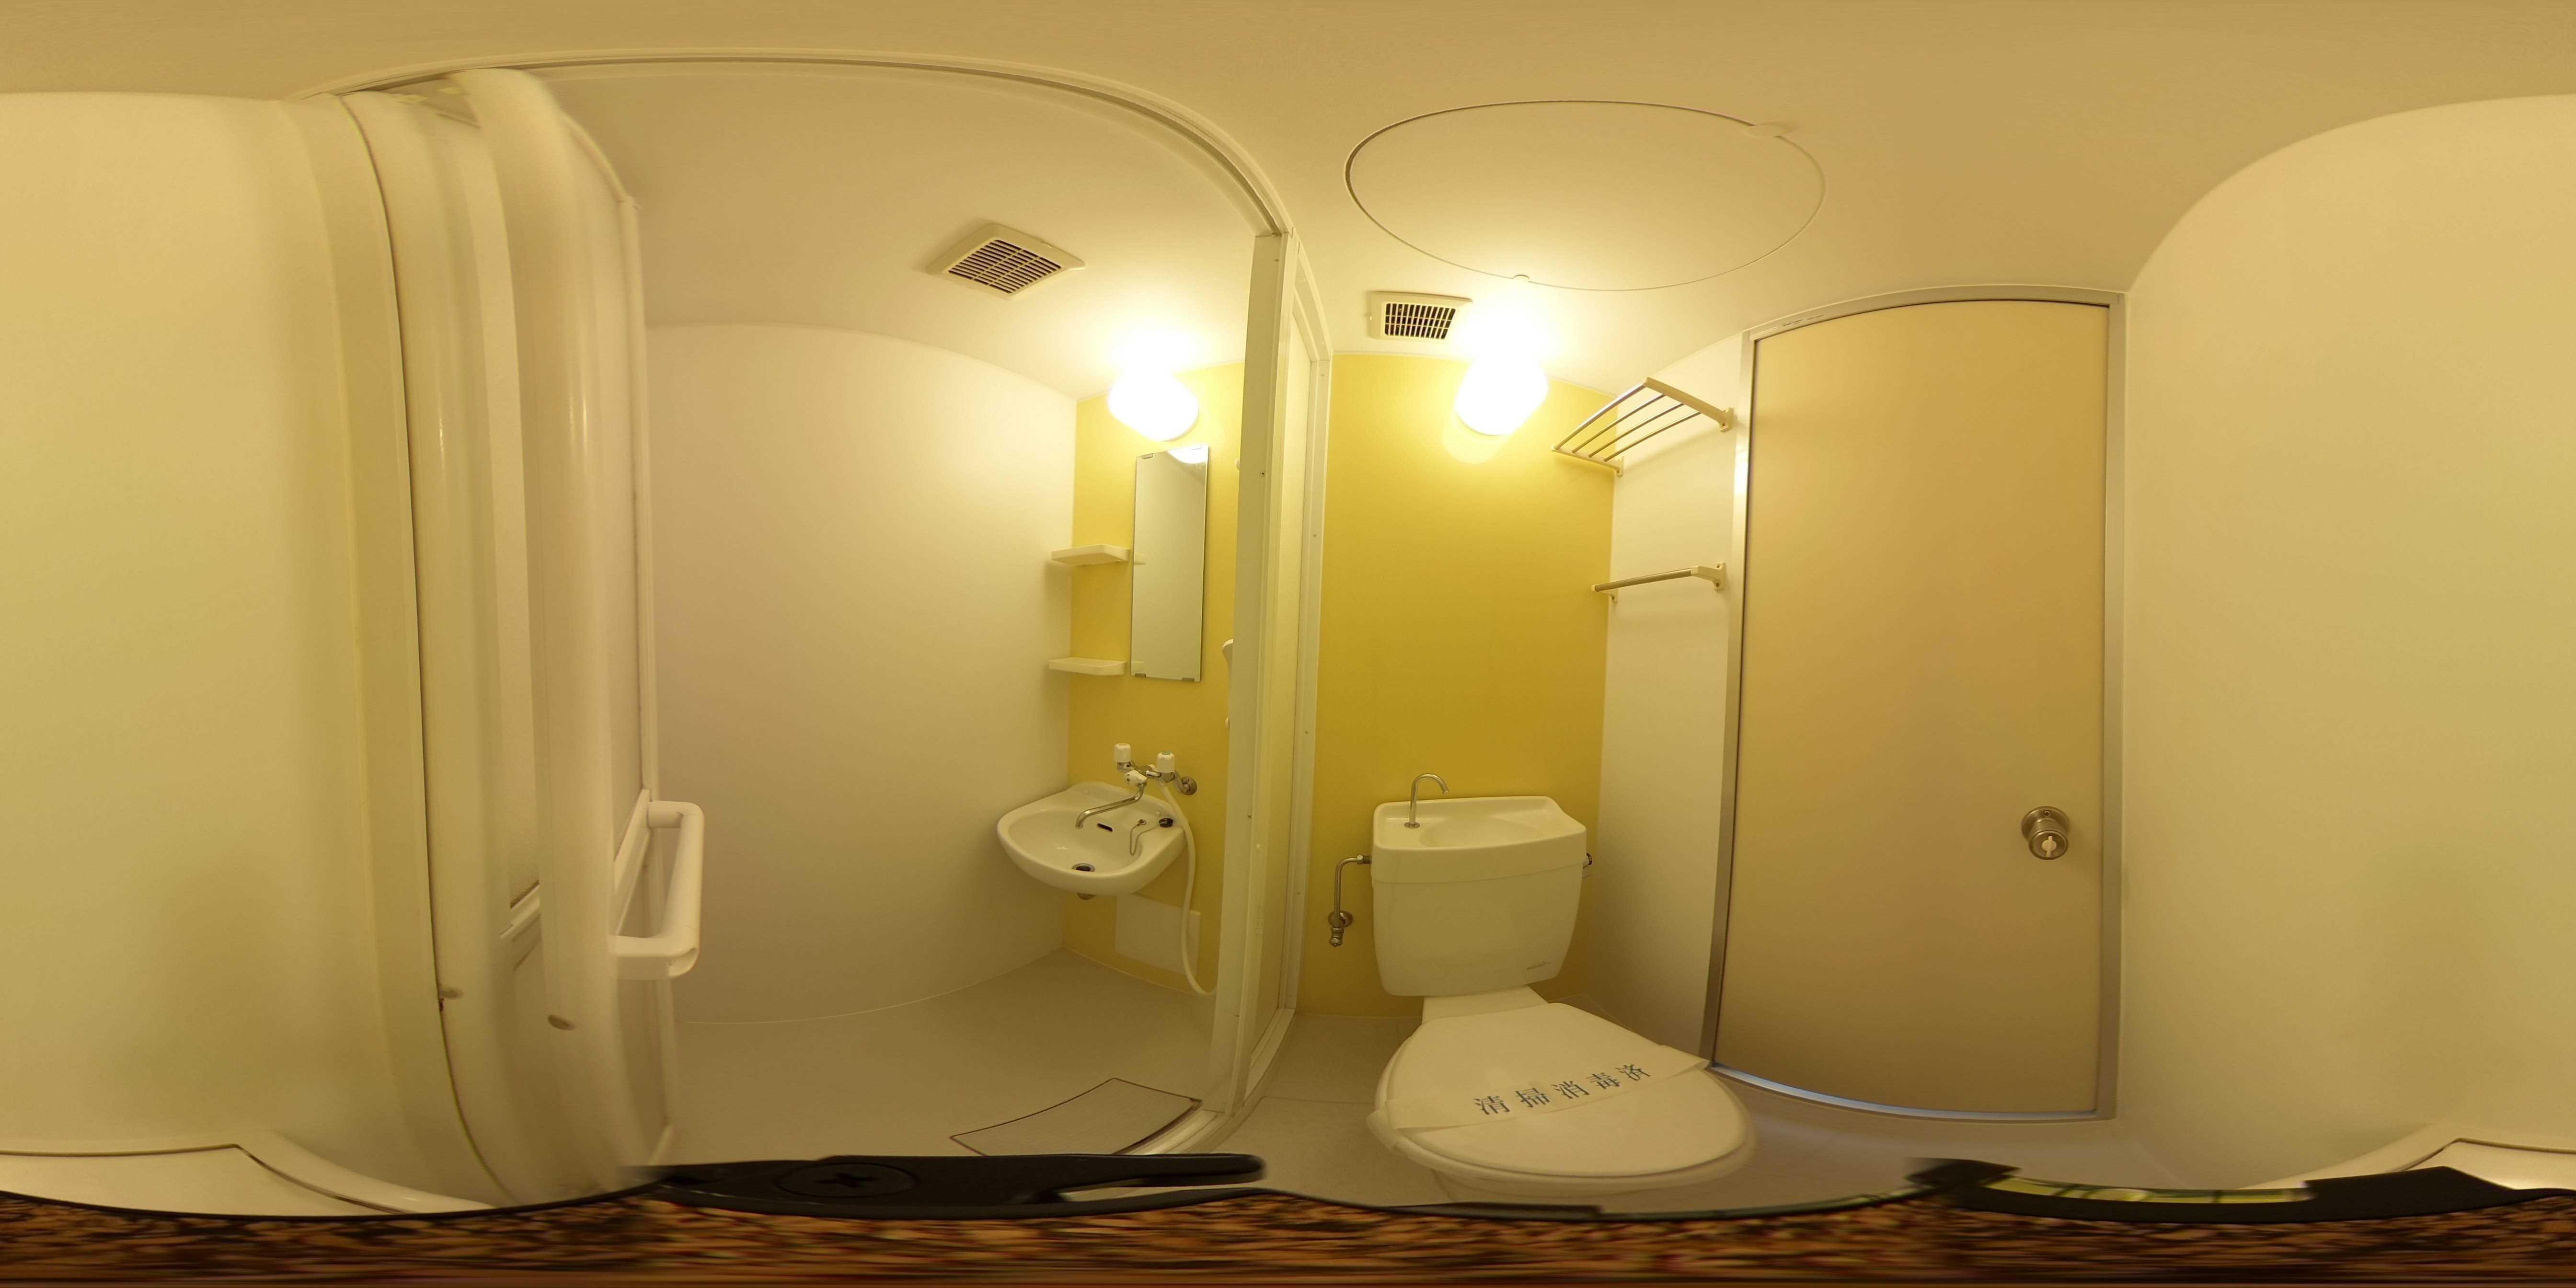 たまりビル トイレ